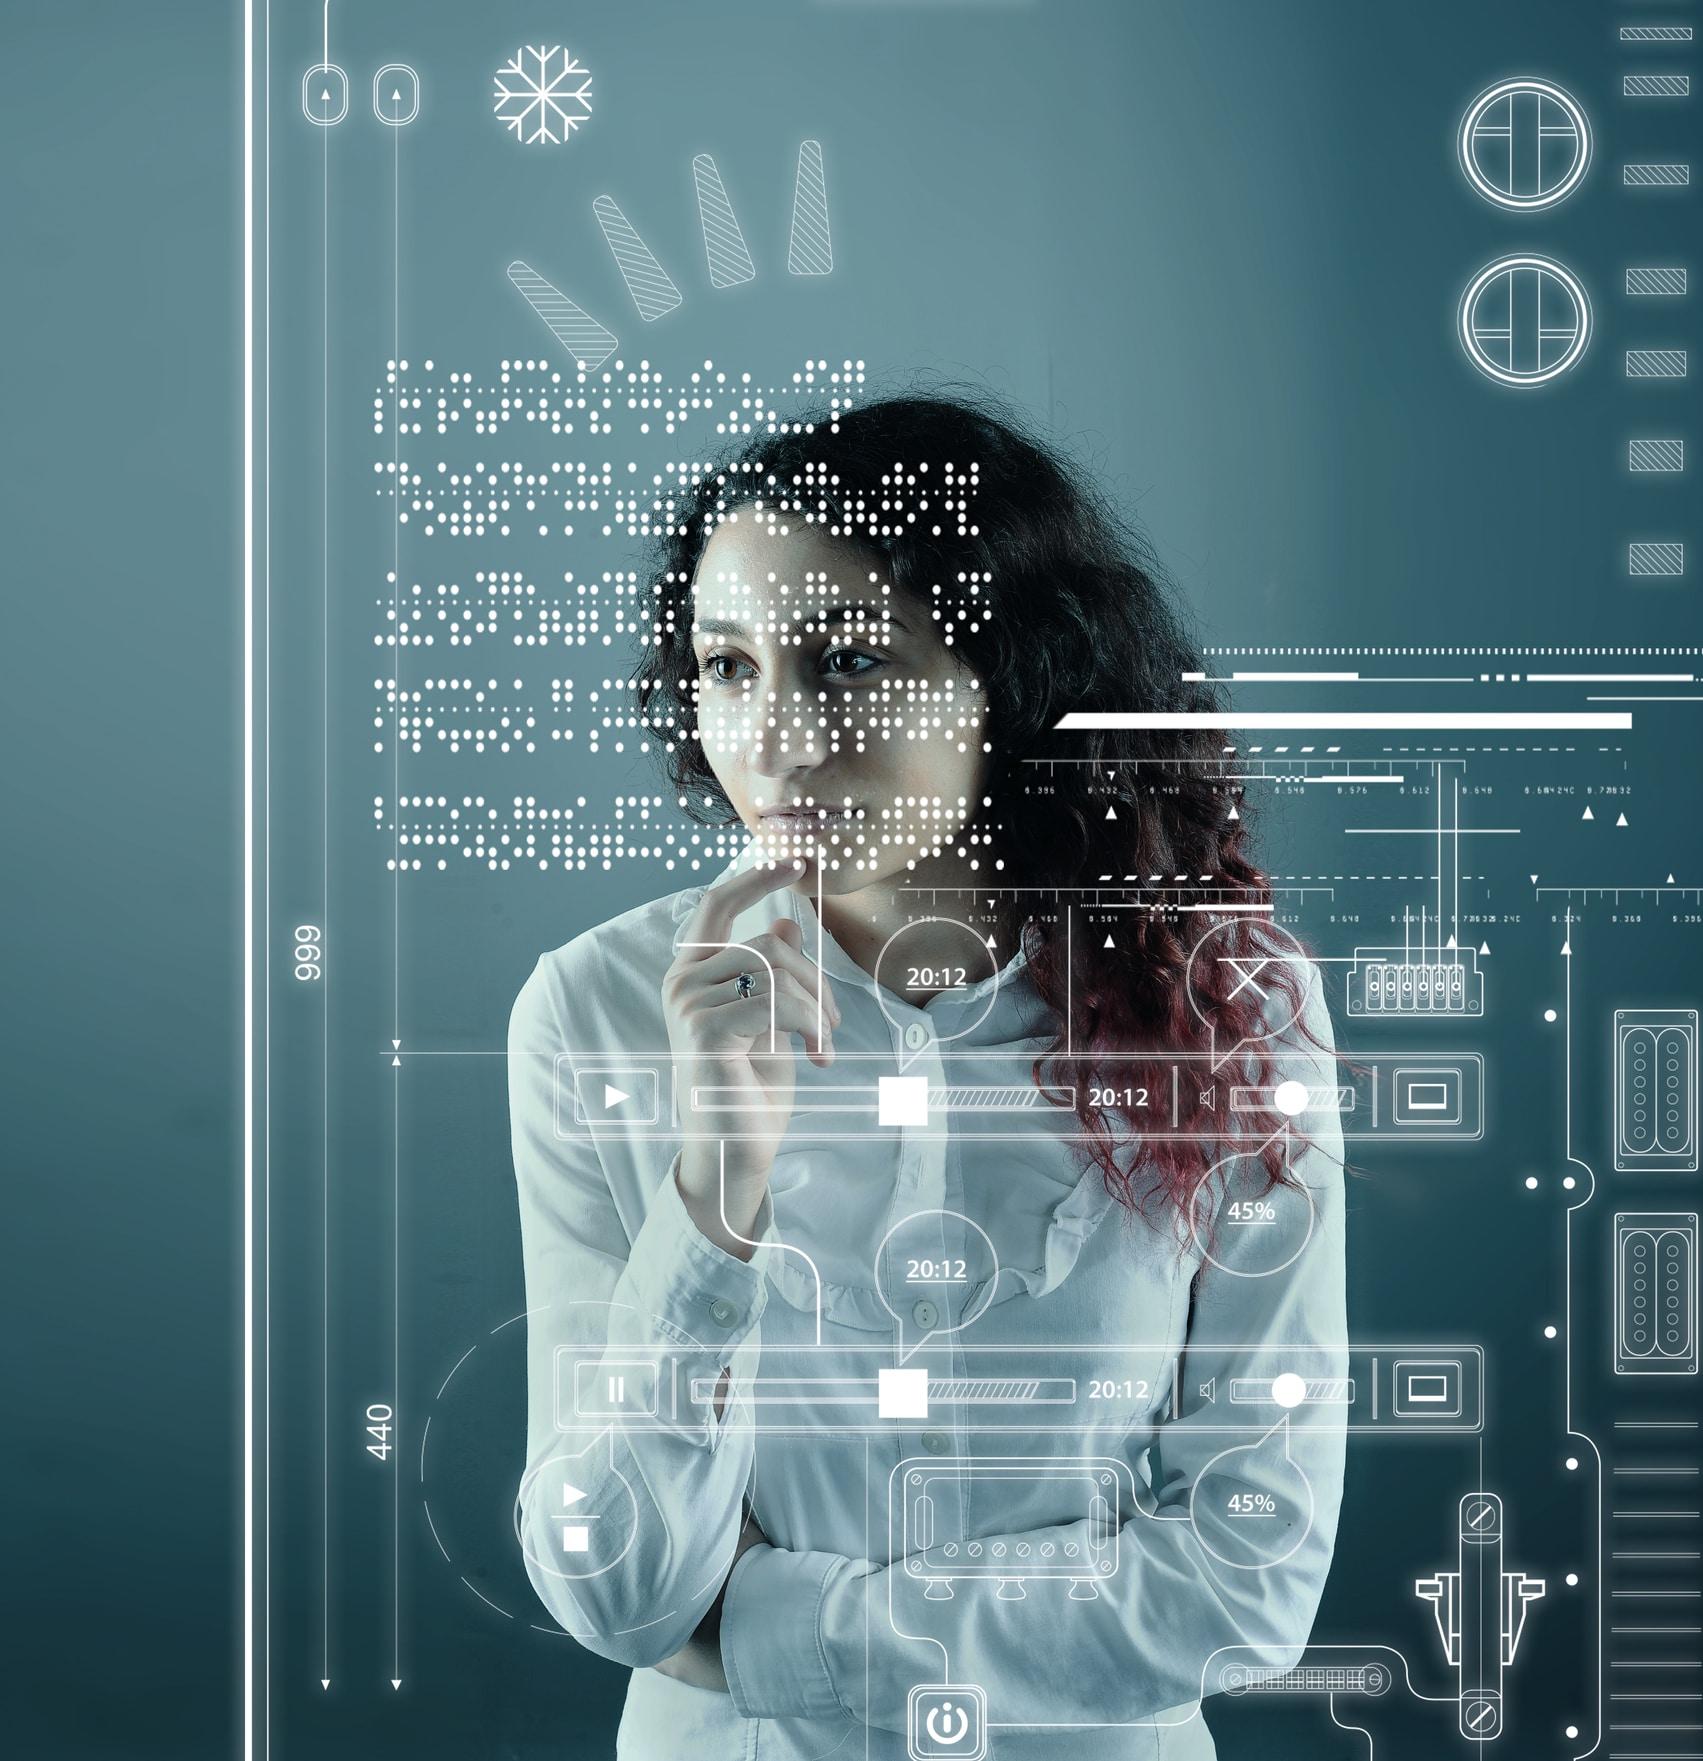 Mulher olhando dados em uma tela digital